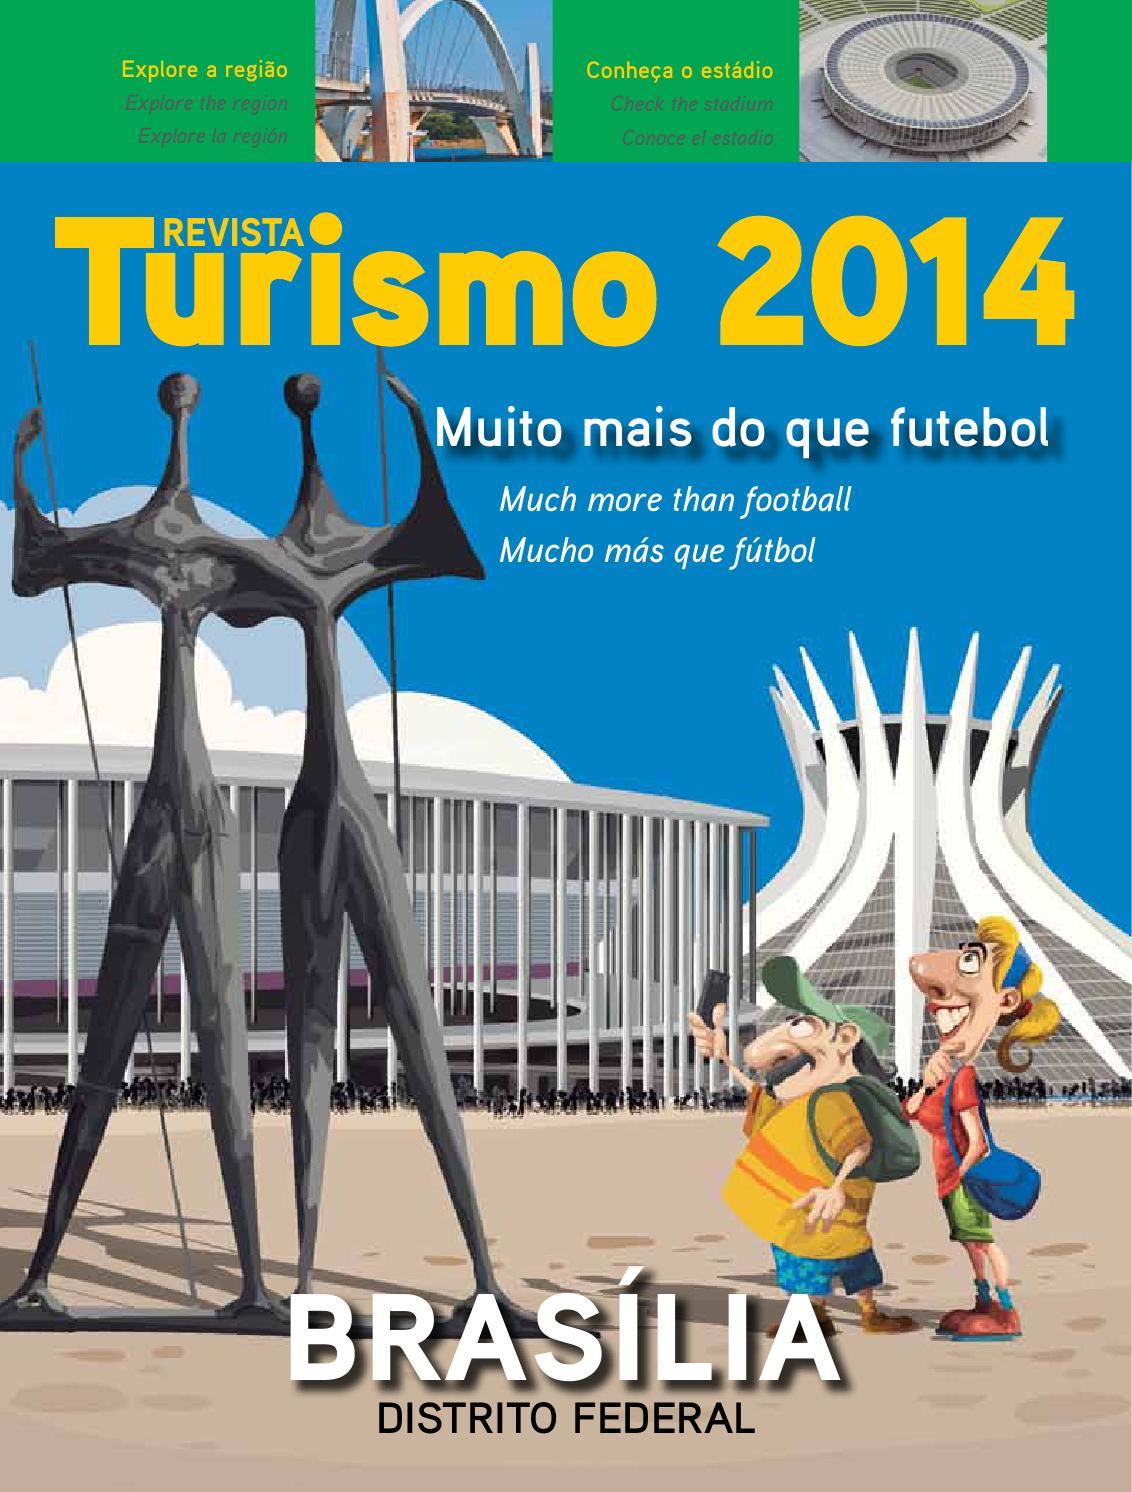 Revista Turismo 2014 Brasilia by RIC EDITORA - issuu 1dd7ae54bdb